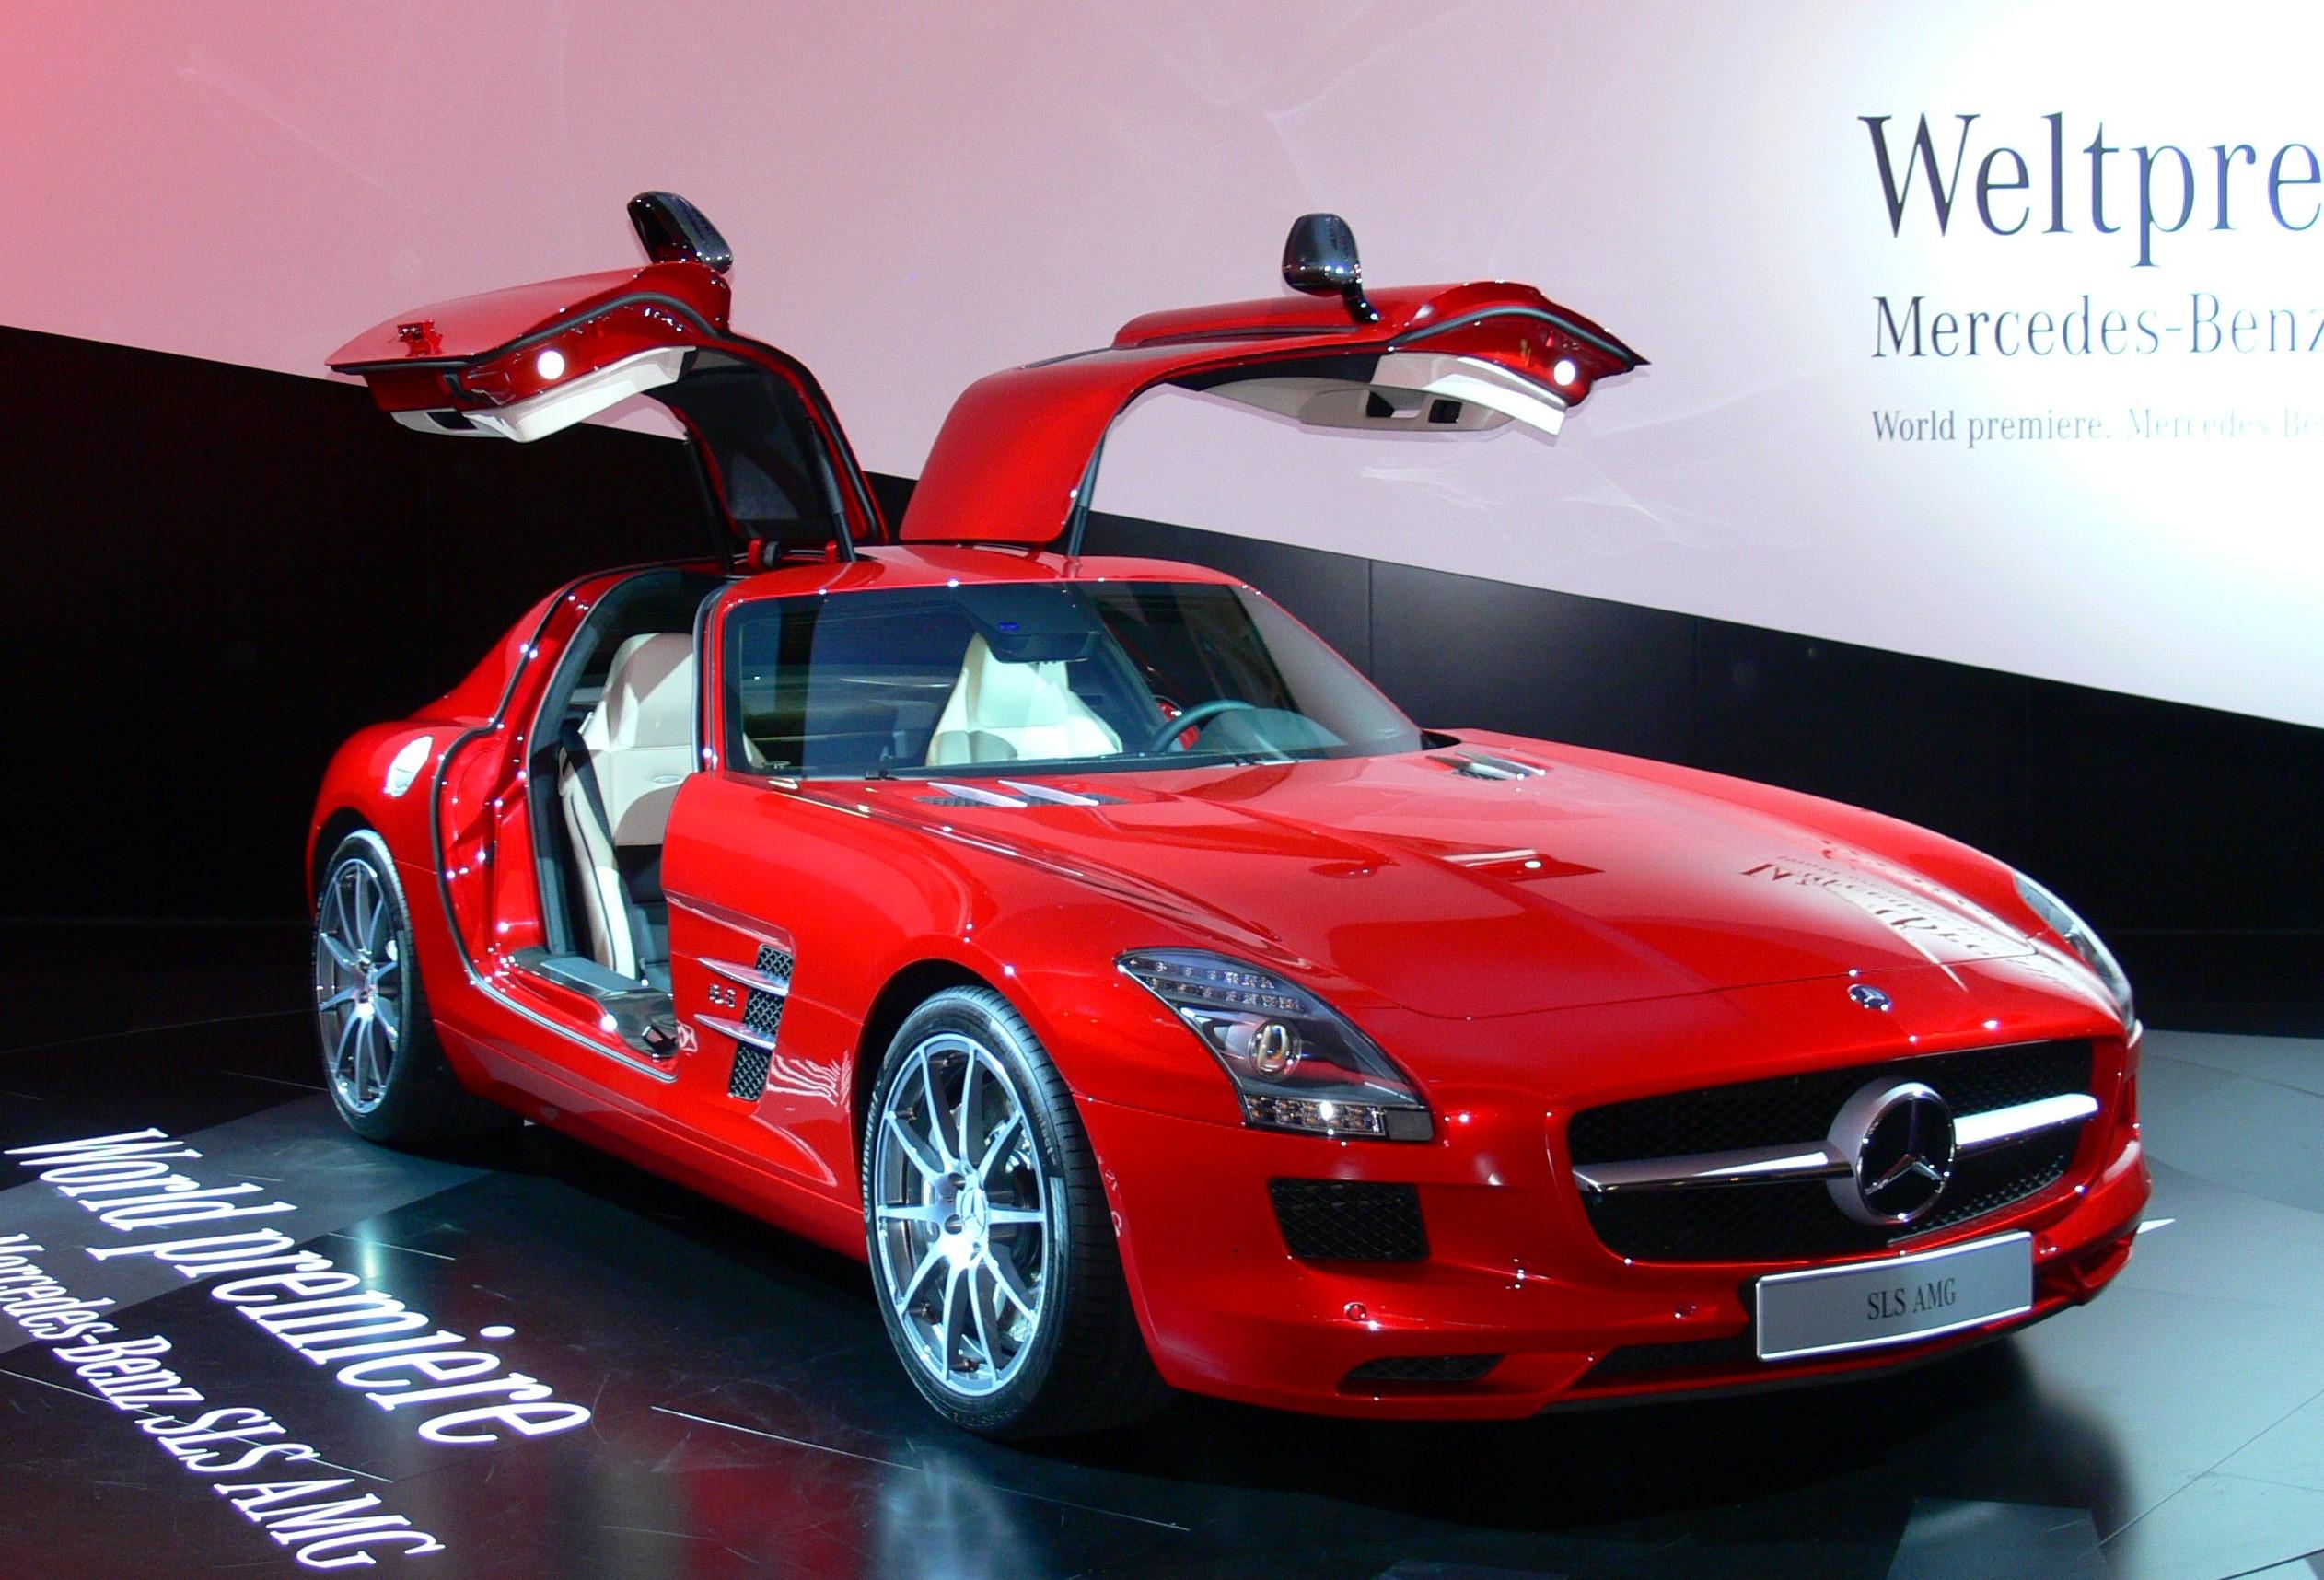 برنامه ی انجمن مهندسی خودرو در ترم جدید